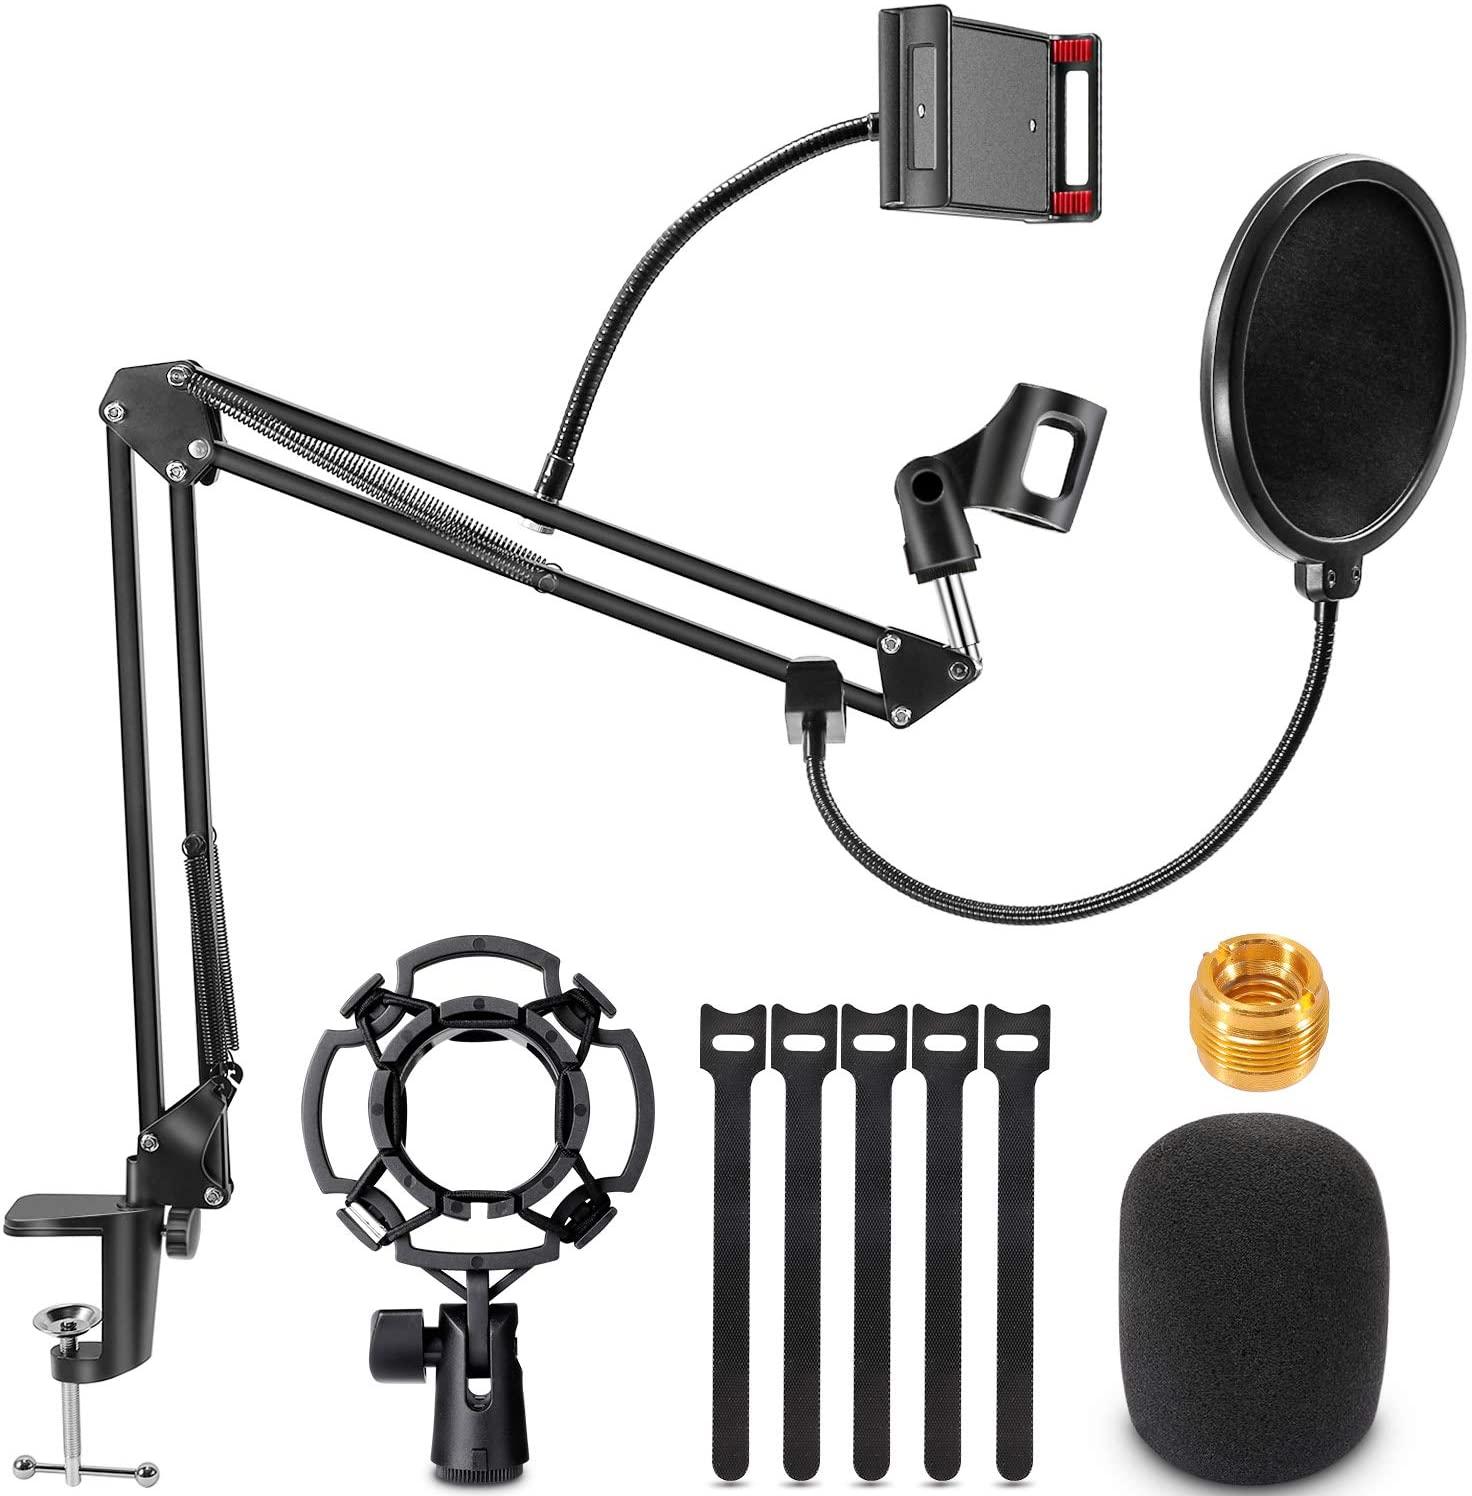 Kit de accesorios para micrófono de Streaming